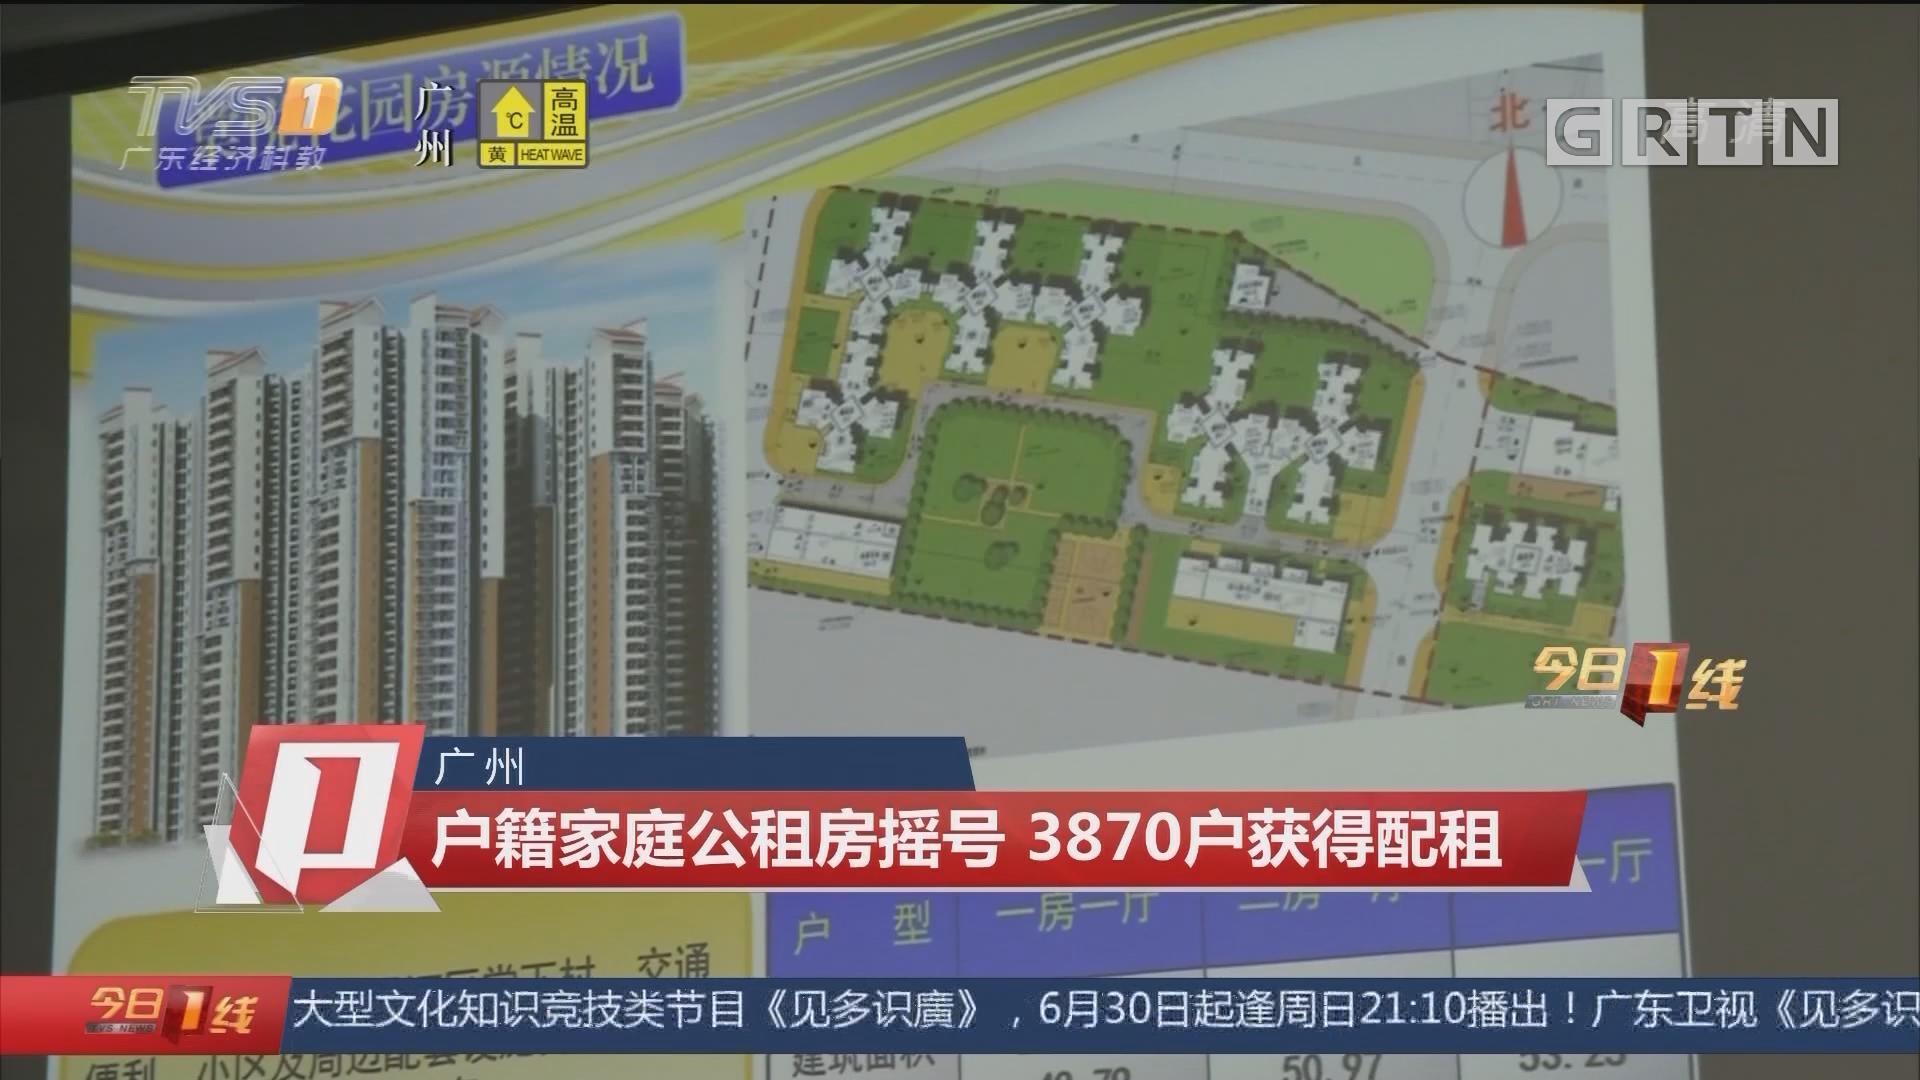 广州:户籍家庭公租房摇号 3870户获得配租